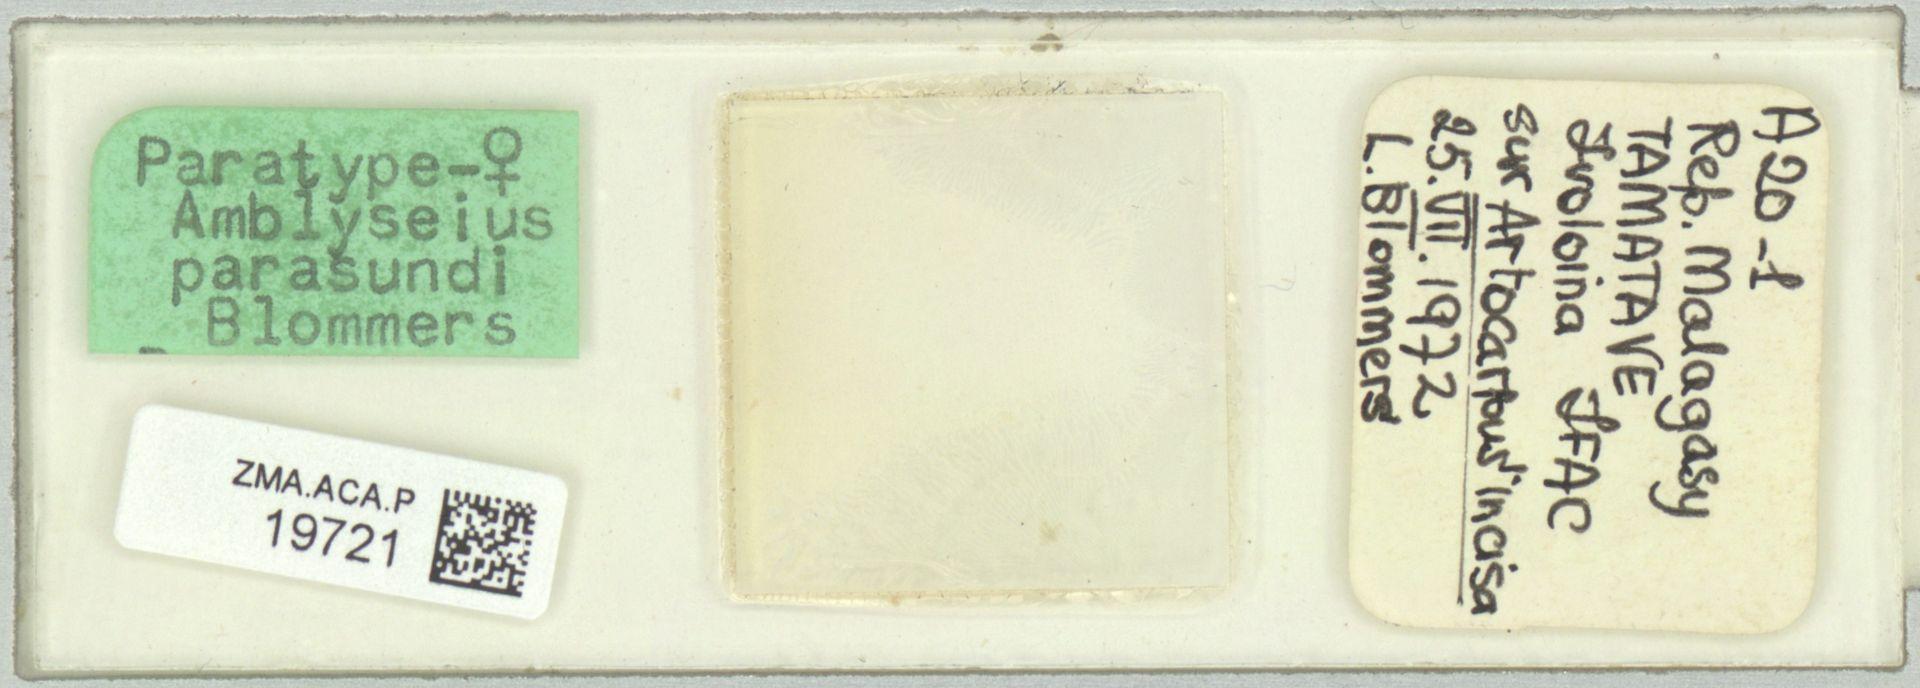 ZMA.ACA.P.19721   Amblyseius parasundi